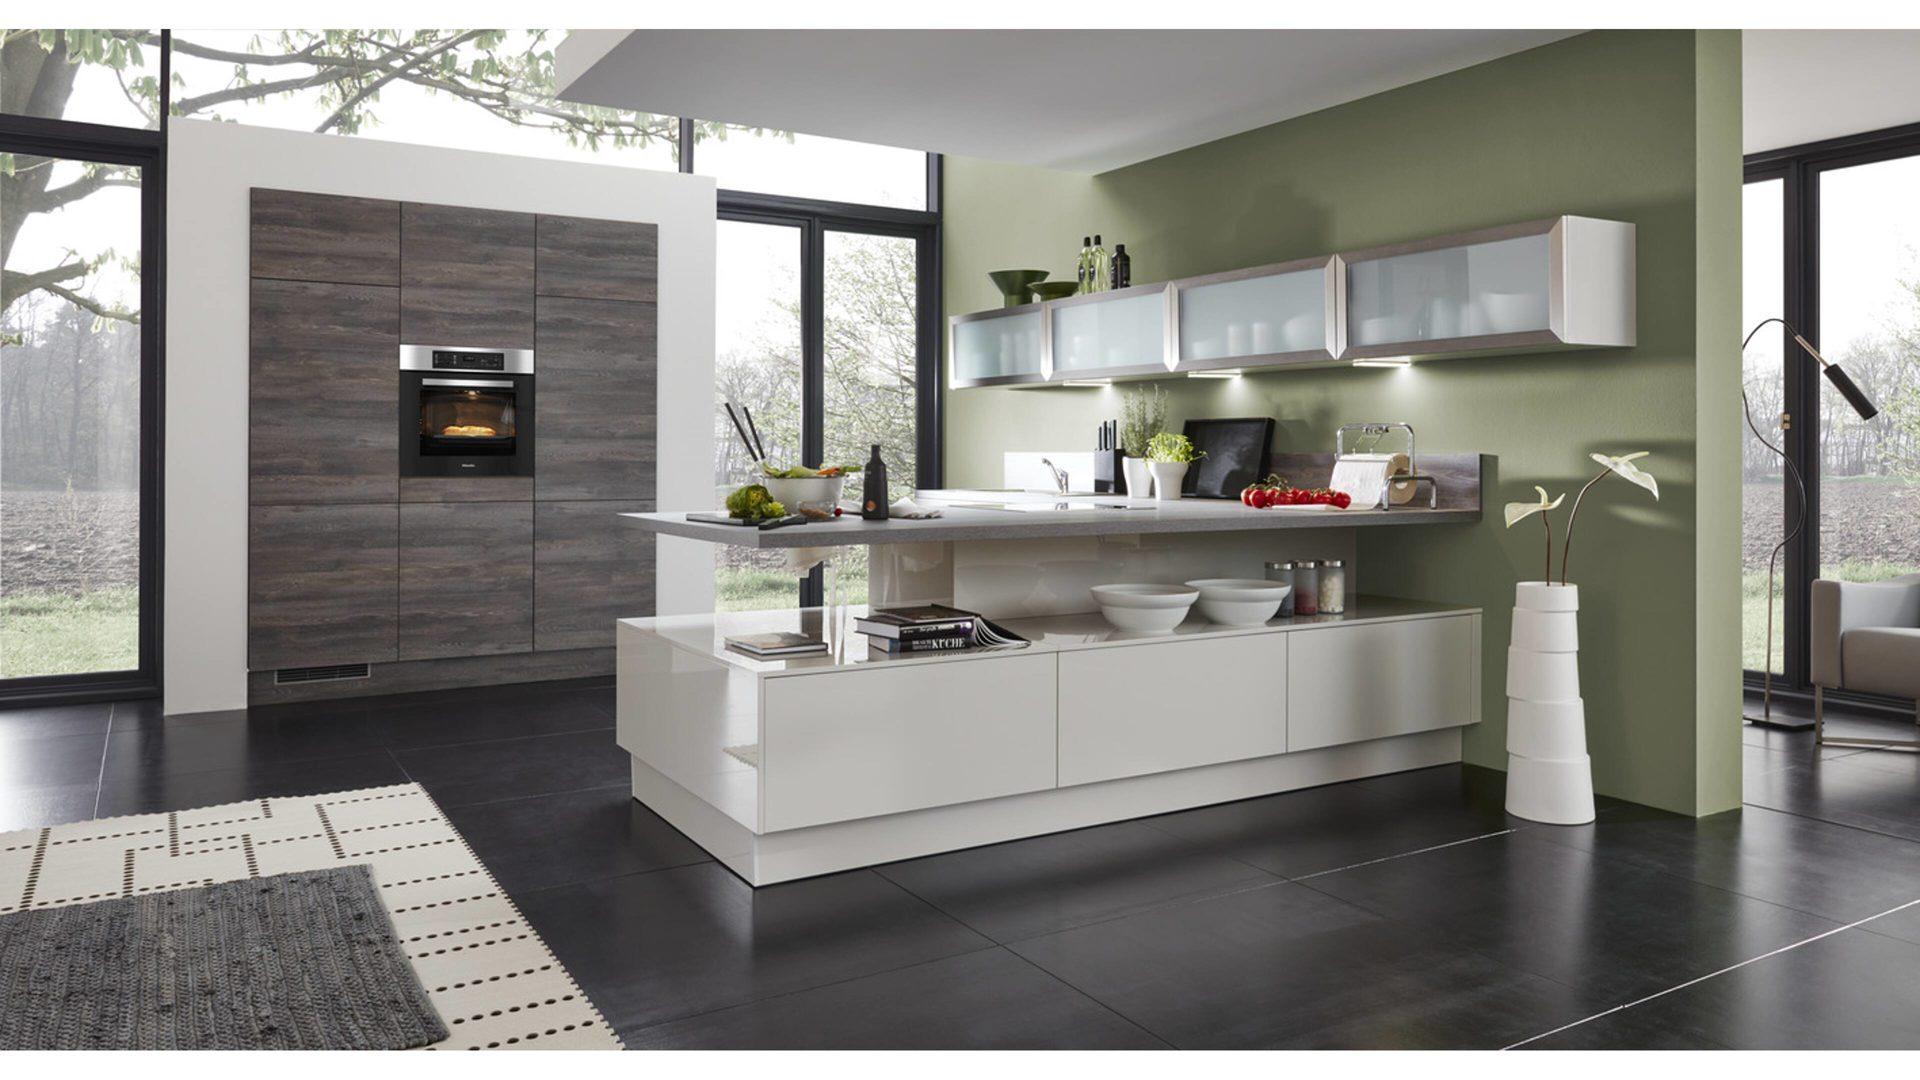 Charmant Desain Küche Minibar Eingestellt Fotos - Ideen Für Die ...